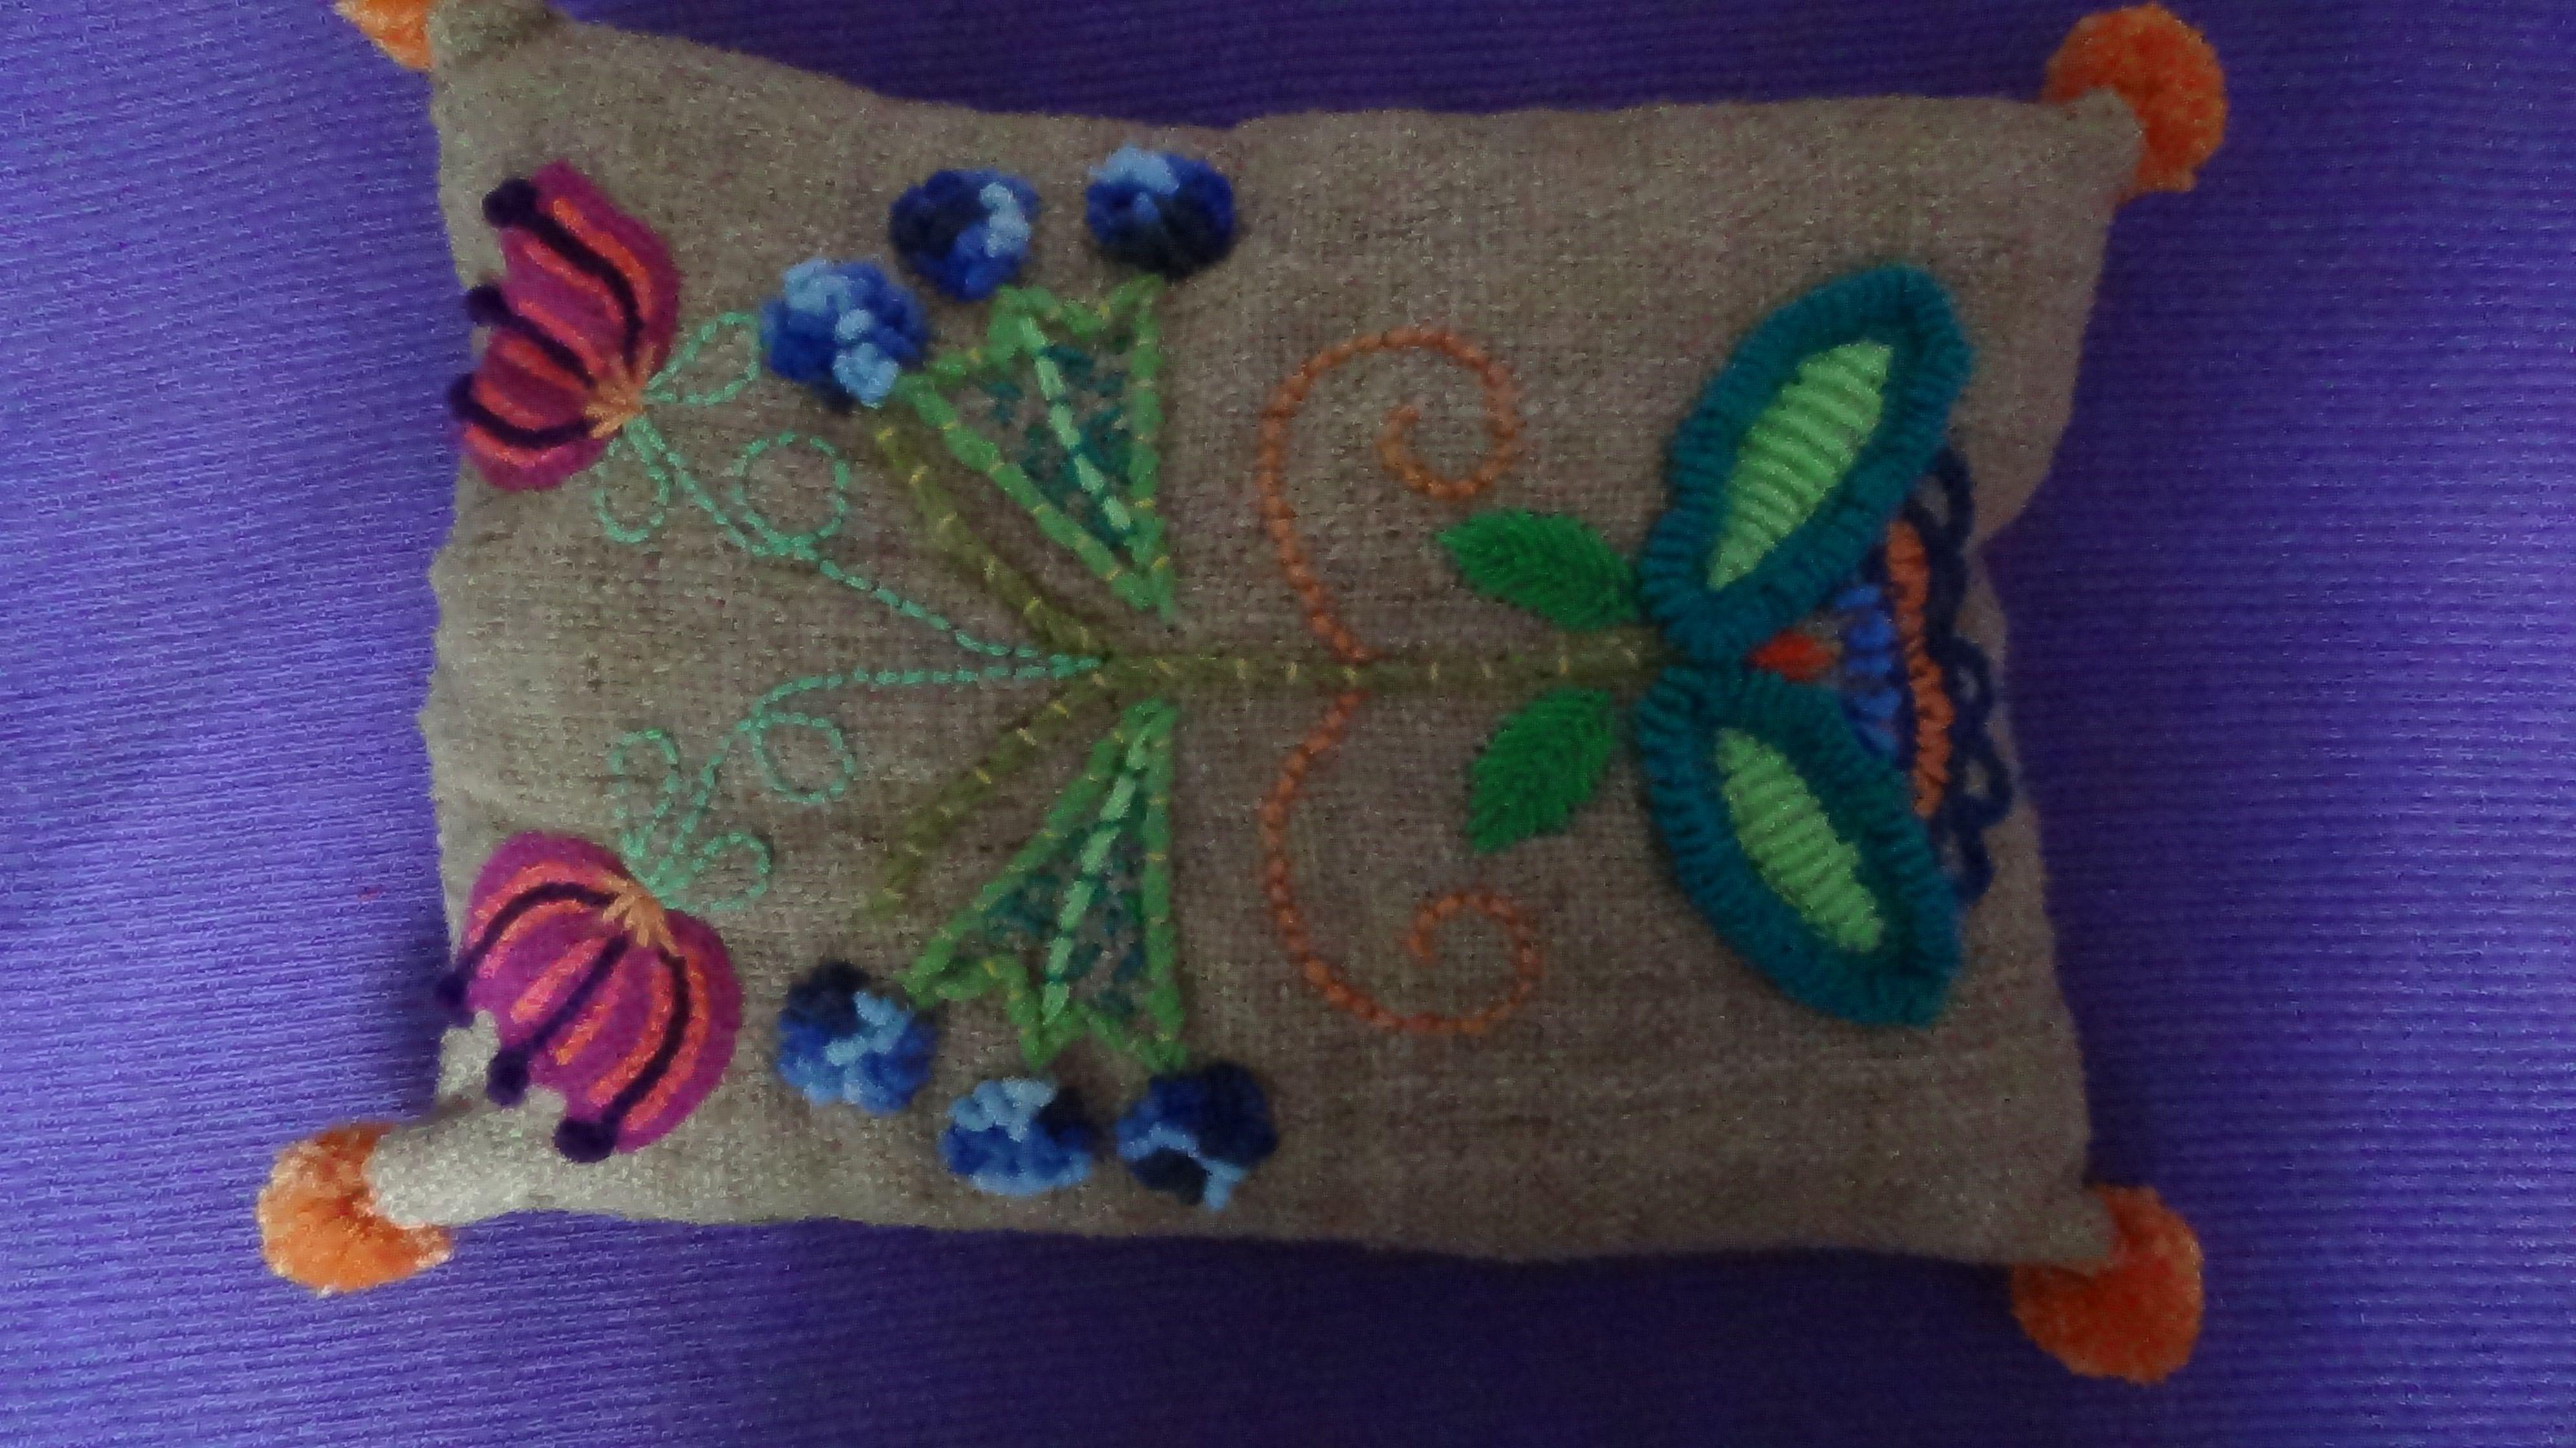 Bordado sobre arpillera de seda   bordados   Pinterest   Arpillera ...